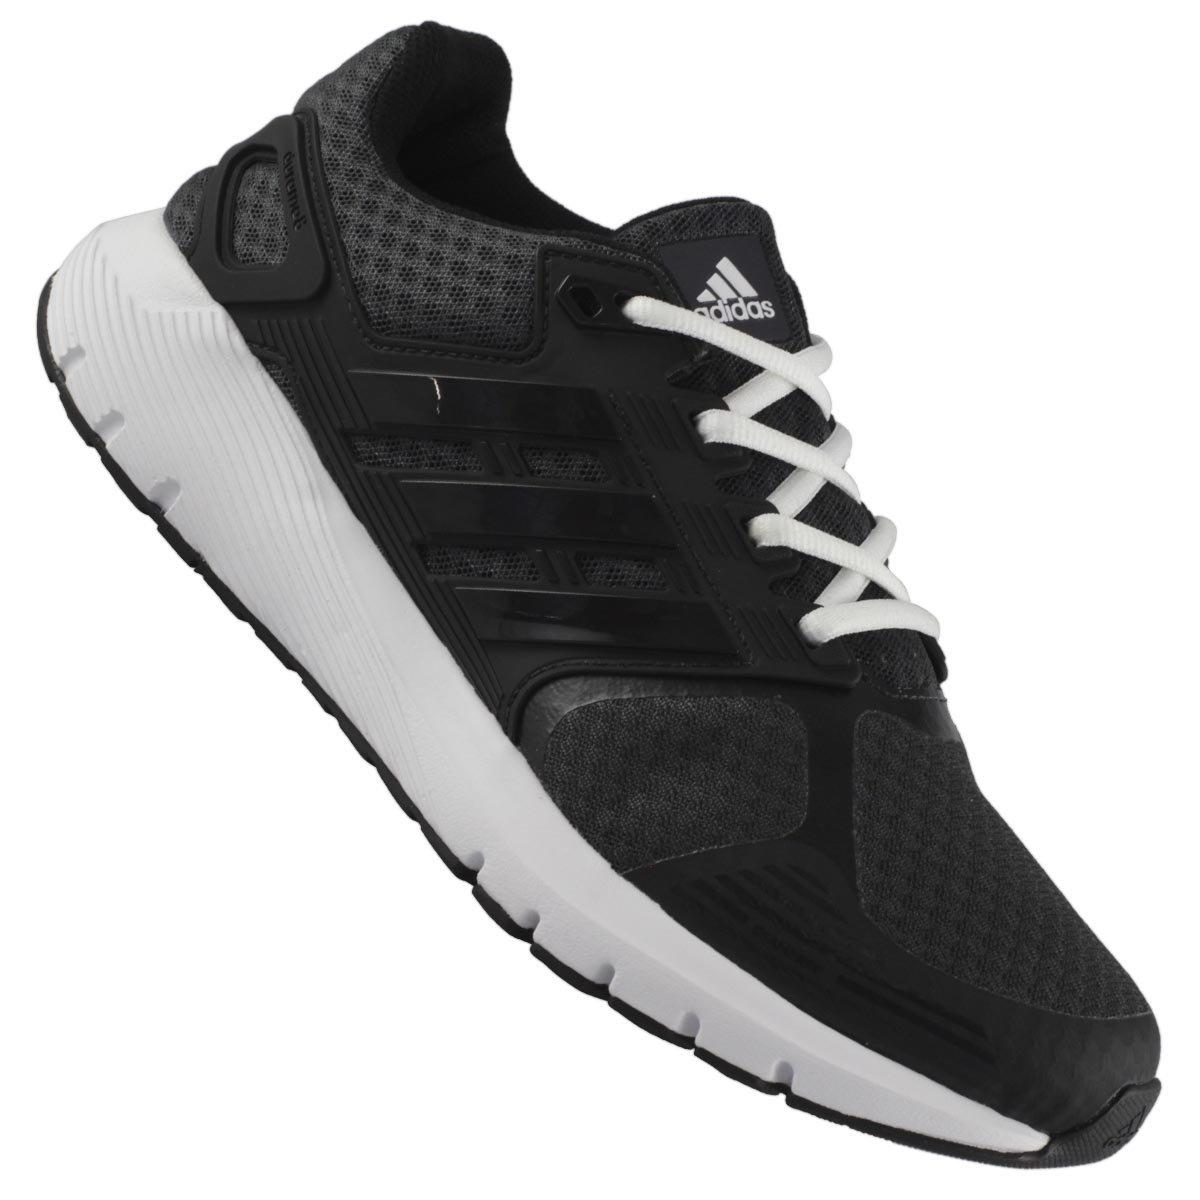 fee9e75ca8 Tênis Adidas Duramo 8 Feminino